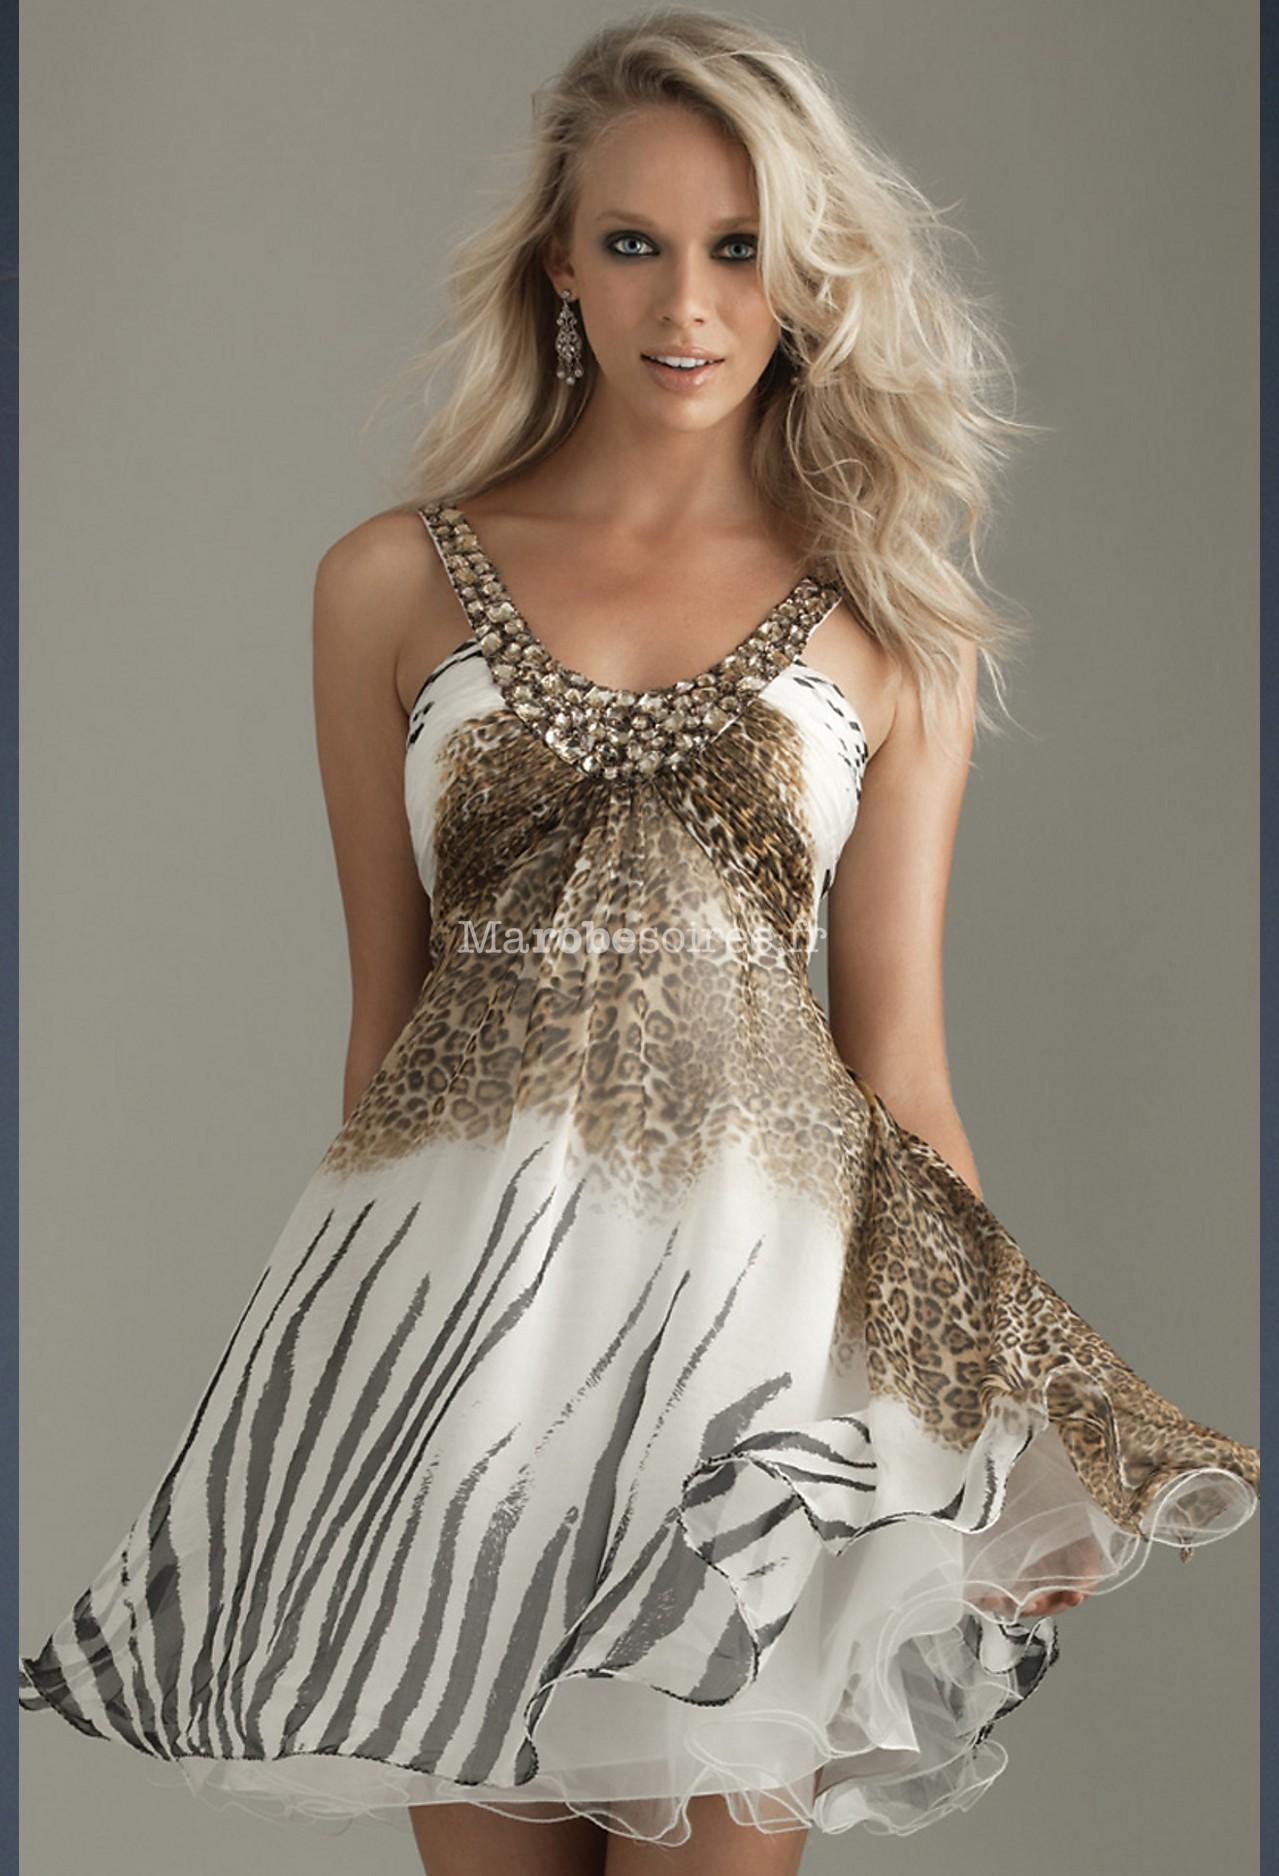 nolwenn robe de soire crmonie robe de mariage - Robes De Ceremonies Mariage